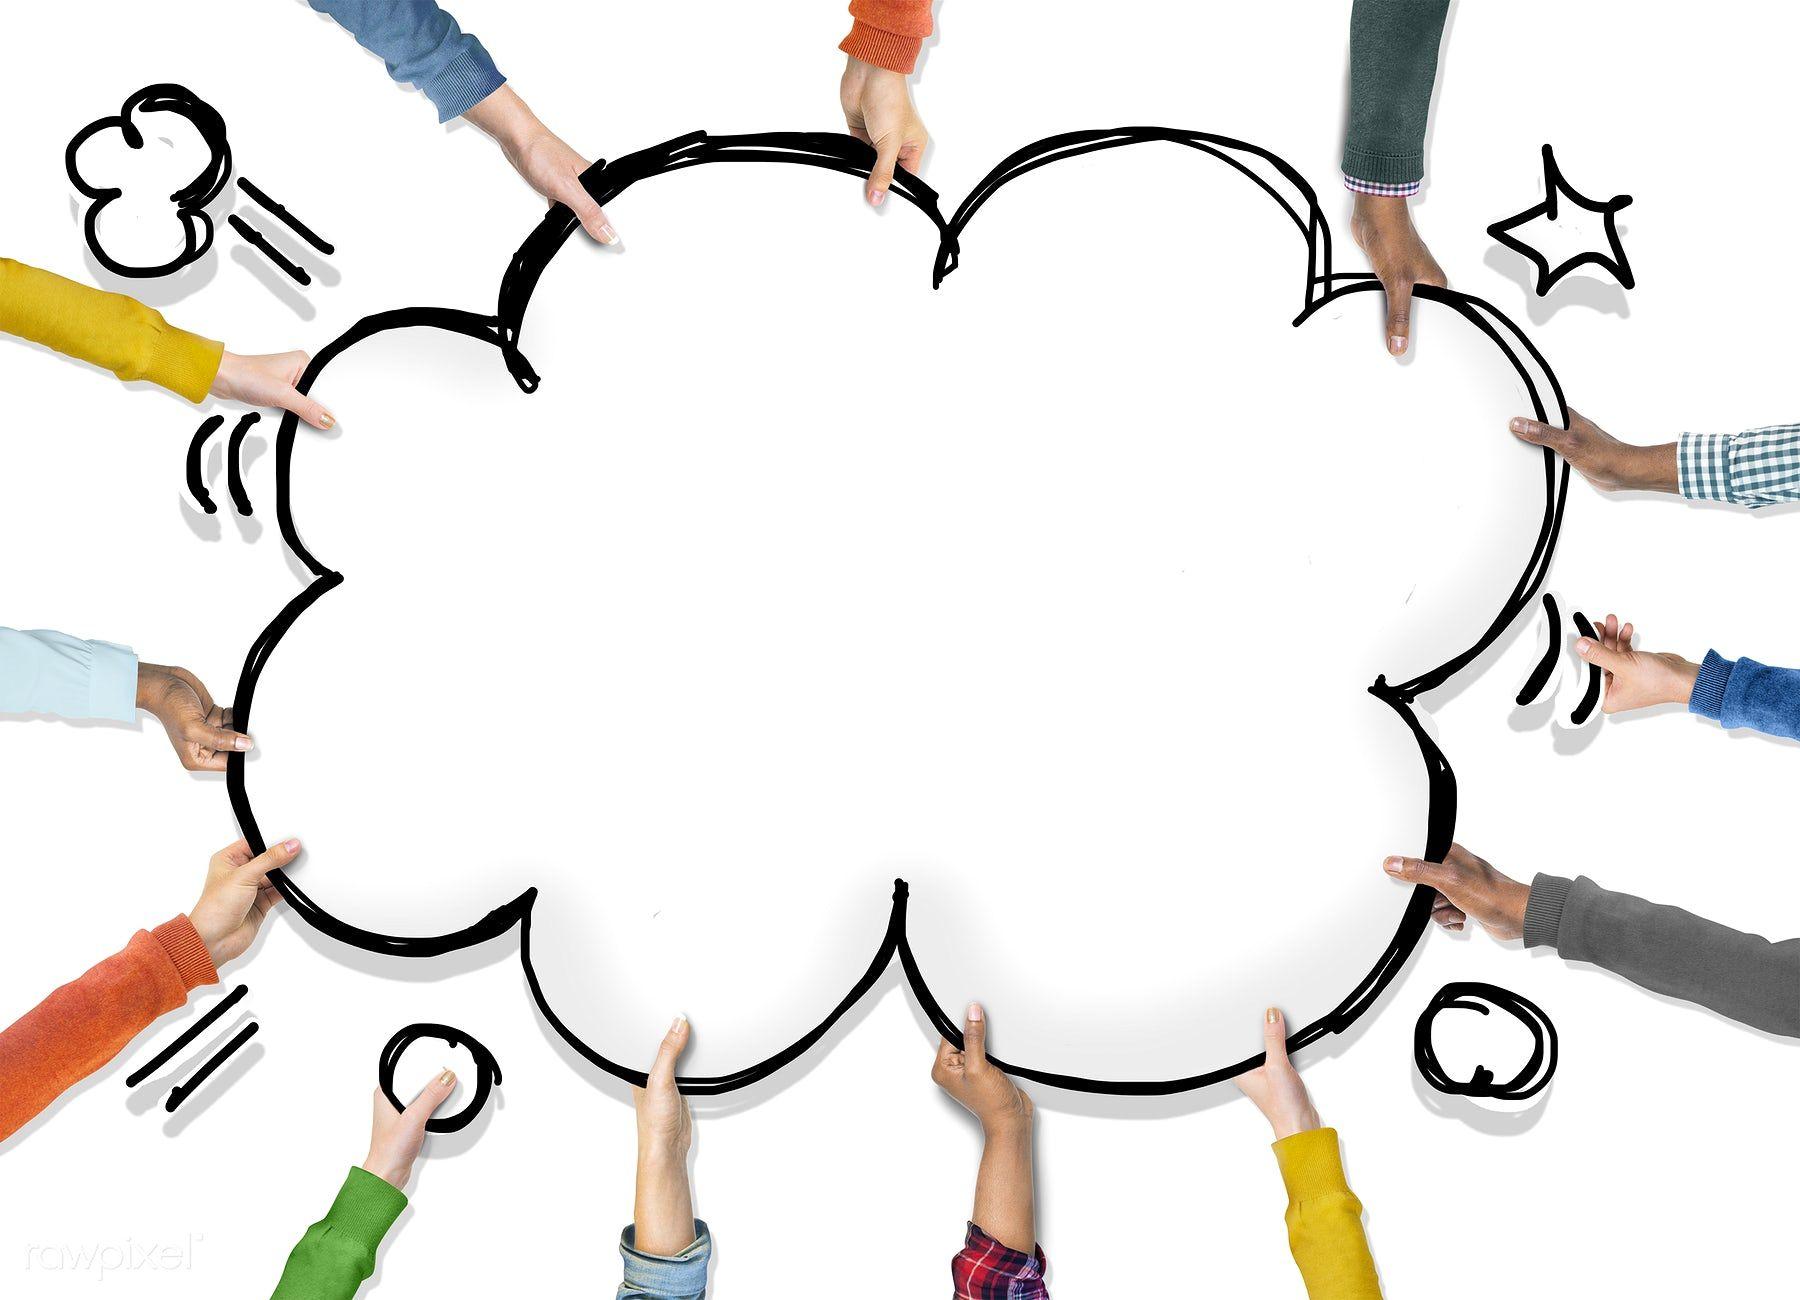 Brainstorming Free image by work teamwork